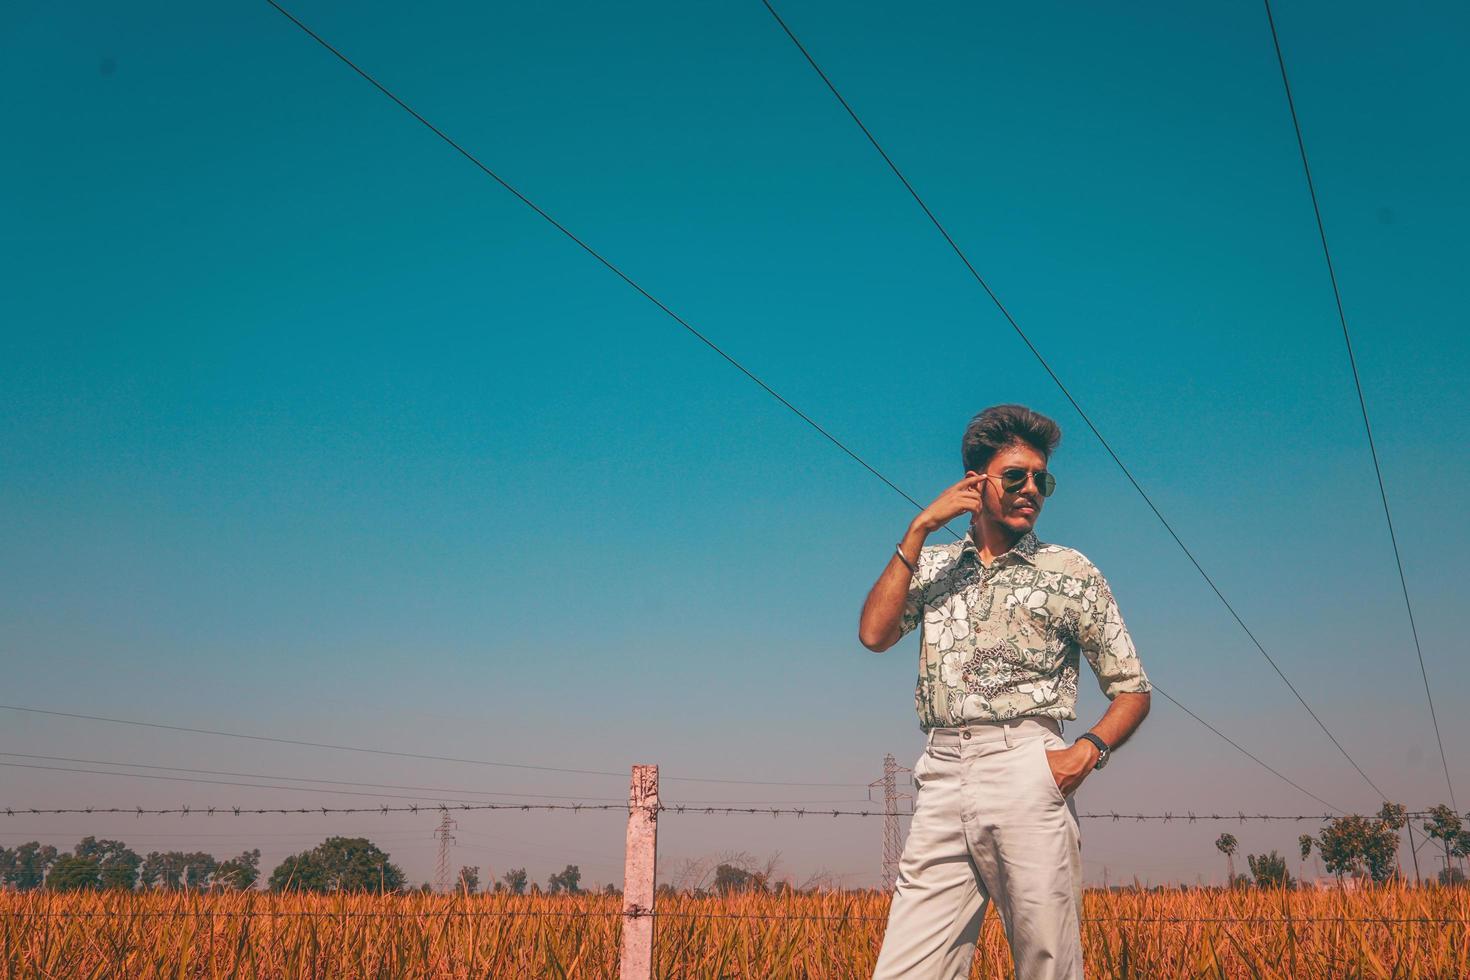 homme à lunettes de soleil à côté de la clôture et du champ photo